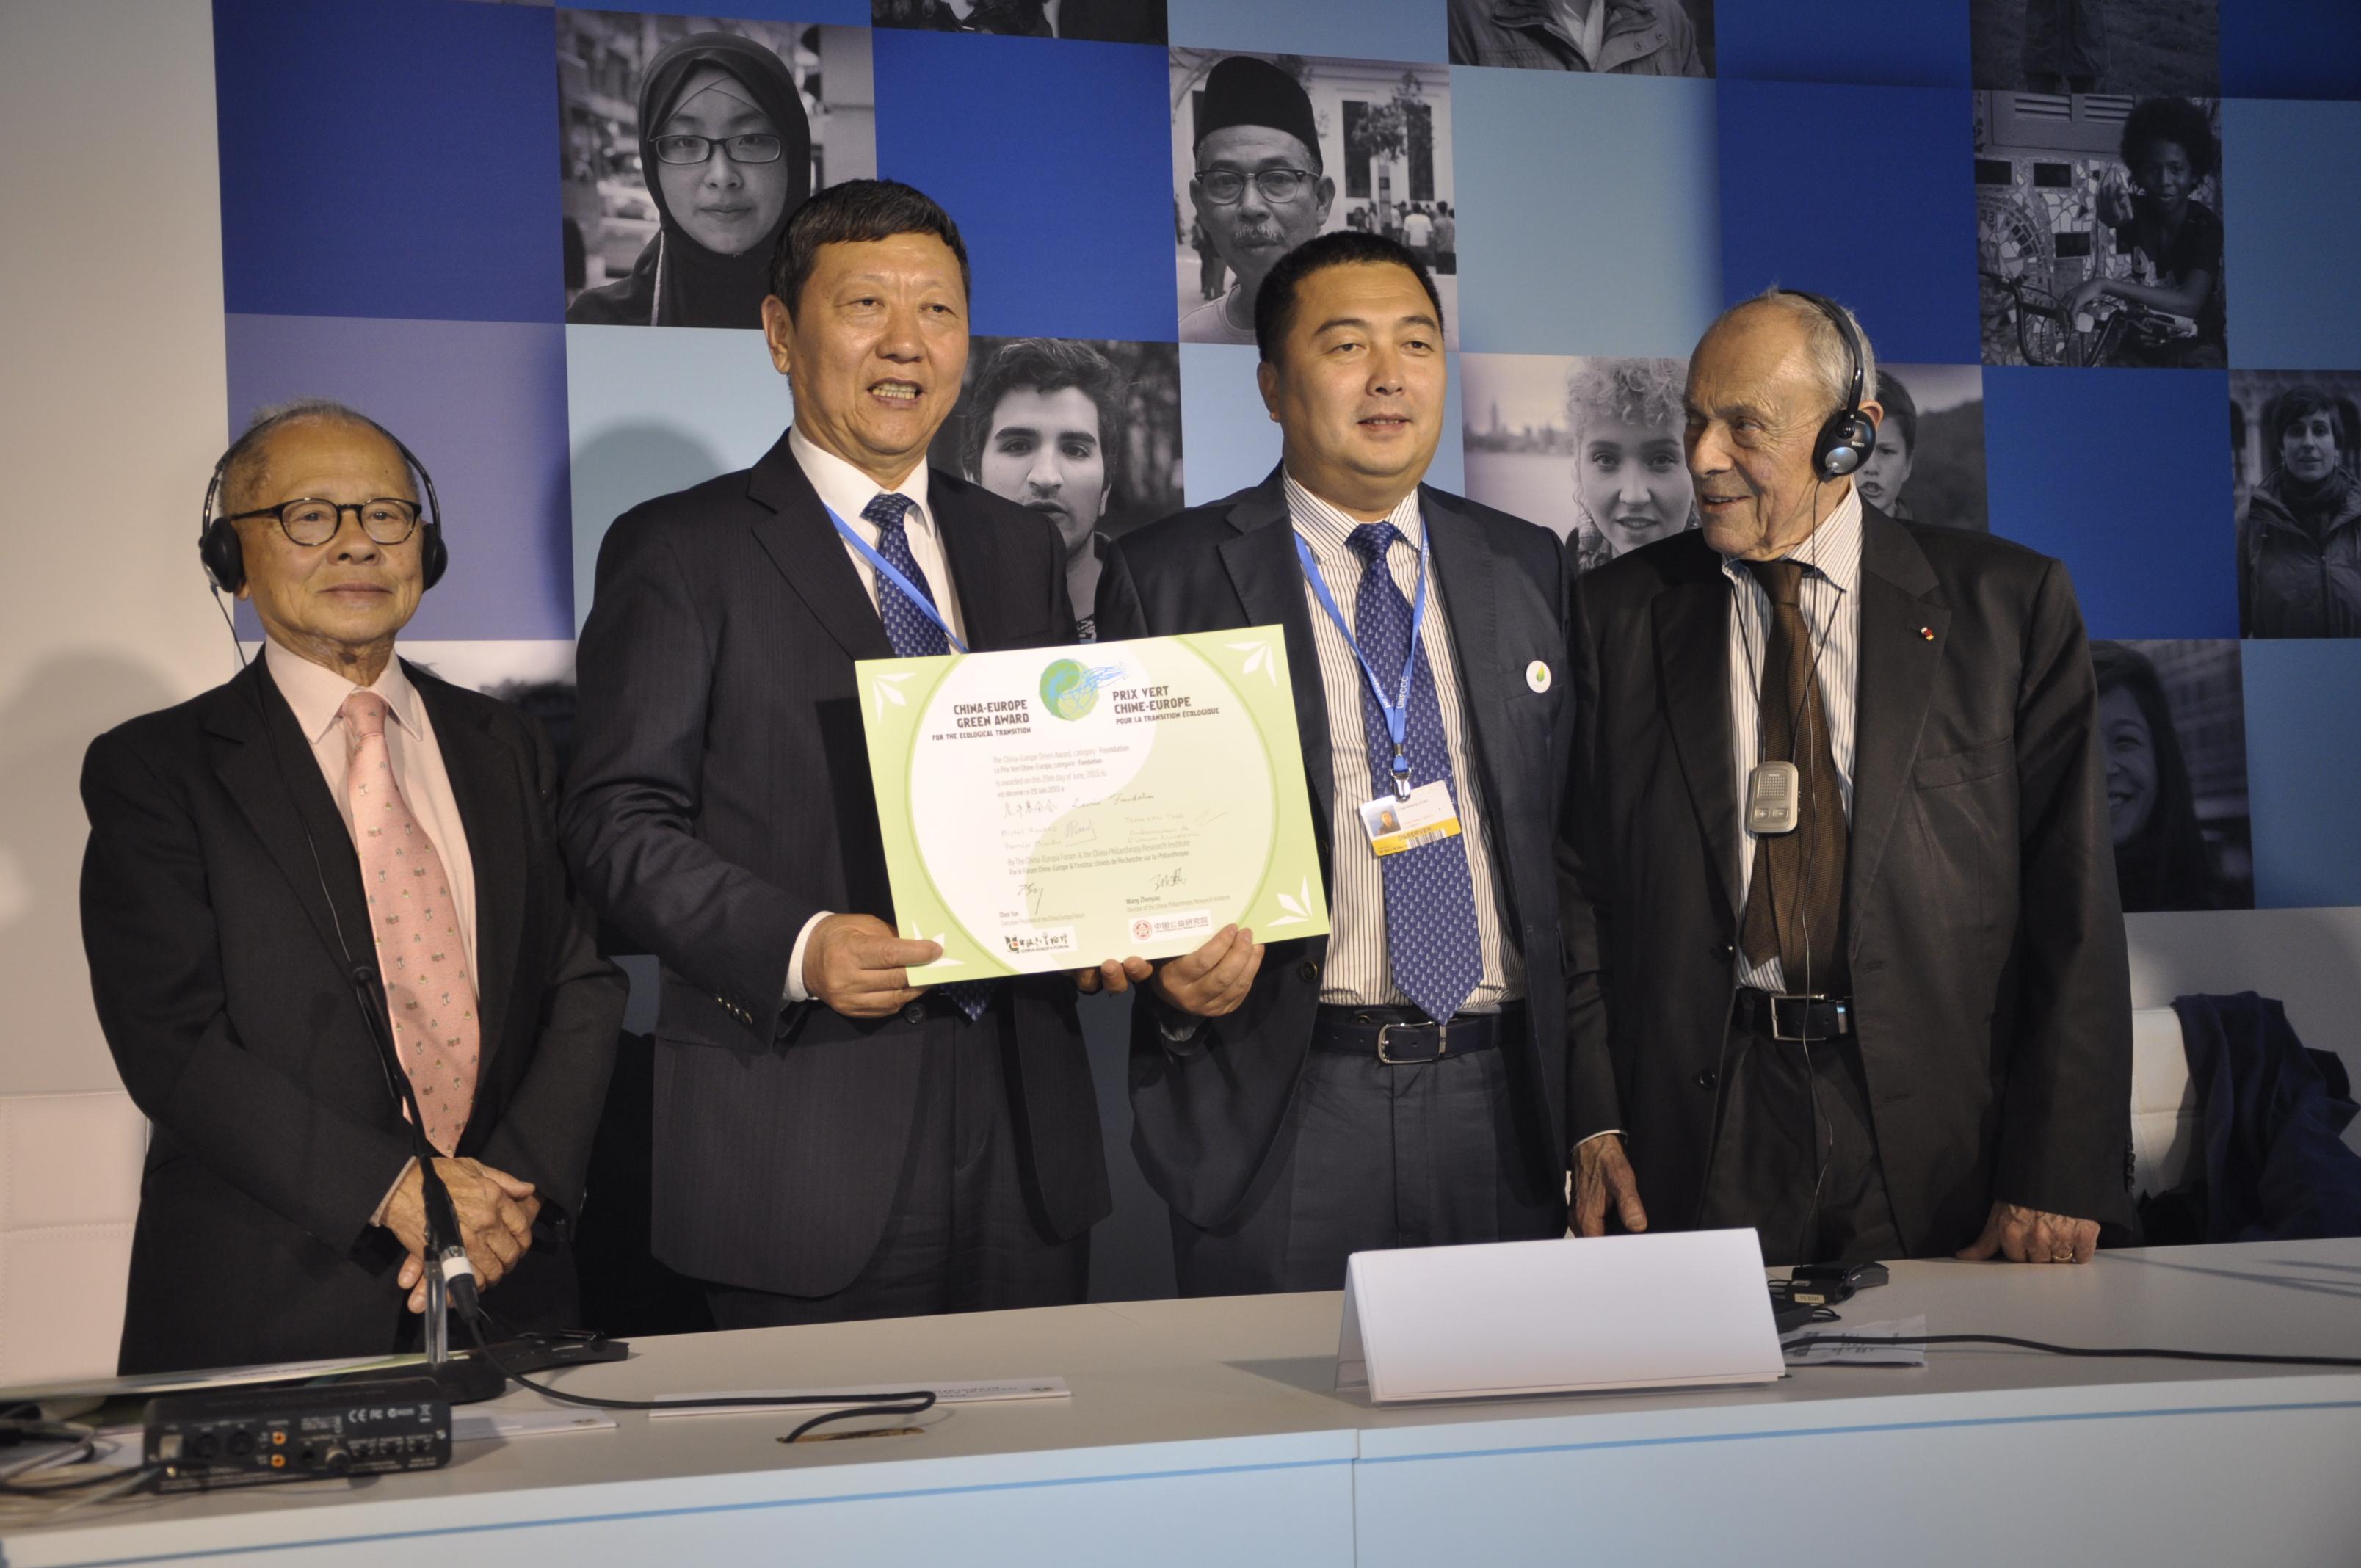 Remise du Prix Vert à Niu Gengsheng, créateur de la fondation chinoise Lao Niu, lors du side-event organisé par le Forum Chine-Europe, le 1er décembre durant la COP21 au Bourget. Il est entouré de Michel Rocard, ancien Premier ministre et de Paul Trân Van Thinh, président de l'associaiton du Forum Chine Europe.